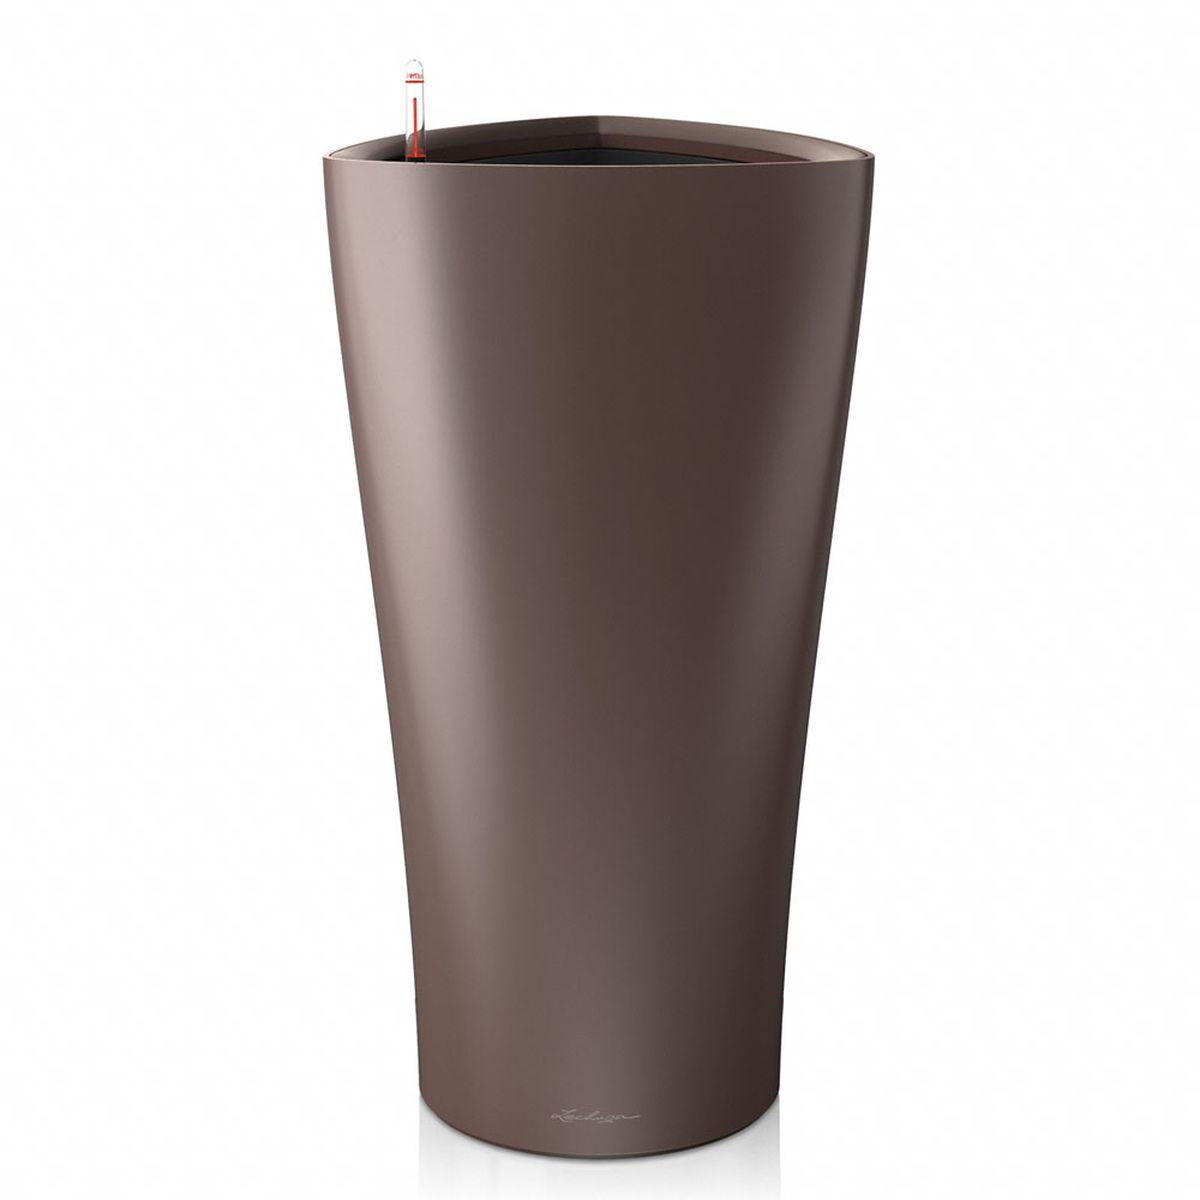 Кашпо Lechuza Delta, с системой автополива, цвет: эспрессо, 40 х 40 х 75 см15557Кашпо Lechuza Delta, выполненное из высококачественного пластика, имеет уникальную систему автополива, благодаря которой корневая система растения непрерывно снабжается влагой из резервуара. Уровень воды в резервуаре контролируется с помощью специального индикатора. В зависимости от размера кашпо и растения воды хватает на 2-12 недель. Это способствует хорошему росту цветов и предотвращает переувлажнение. В набор входит: кашпо, внутренний горшок, индикатор уровня воды, резервуар для воды. Внутренний горшок, оснащенный выдвижными ручками, обеспечивает: - легкую переноску даже высоких растений; - легкую смену растений; - можно также просто убрать растения на зиму; - винт в днище позволяет стечь излишней дождевой воде наружу. Кашпо Lechuza Delta прекрасно впишется в интерьер больших холлов, террас ресторанов и уютных гостиных. Изделие поможет расставить нужные акценты и придаст помещению вид, соответствующий вашим представлениям.